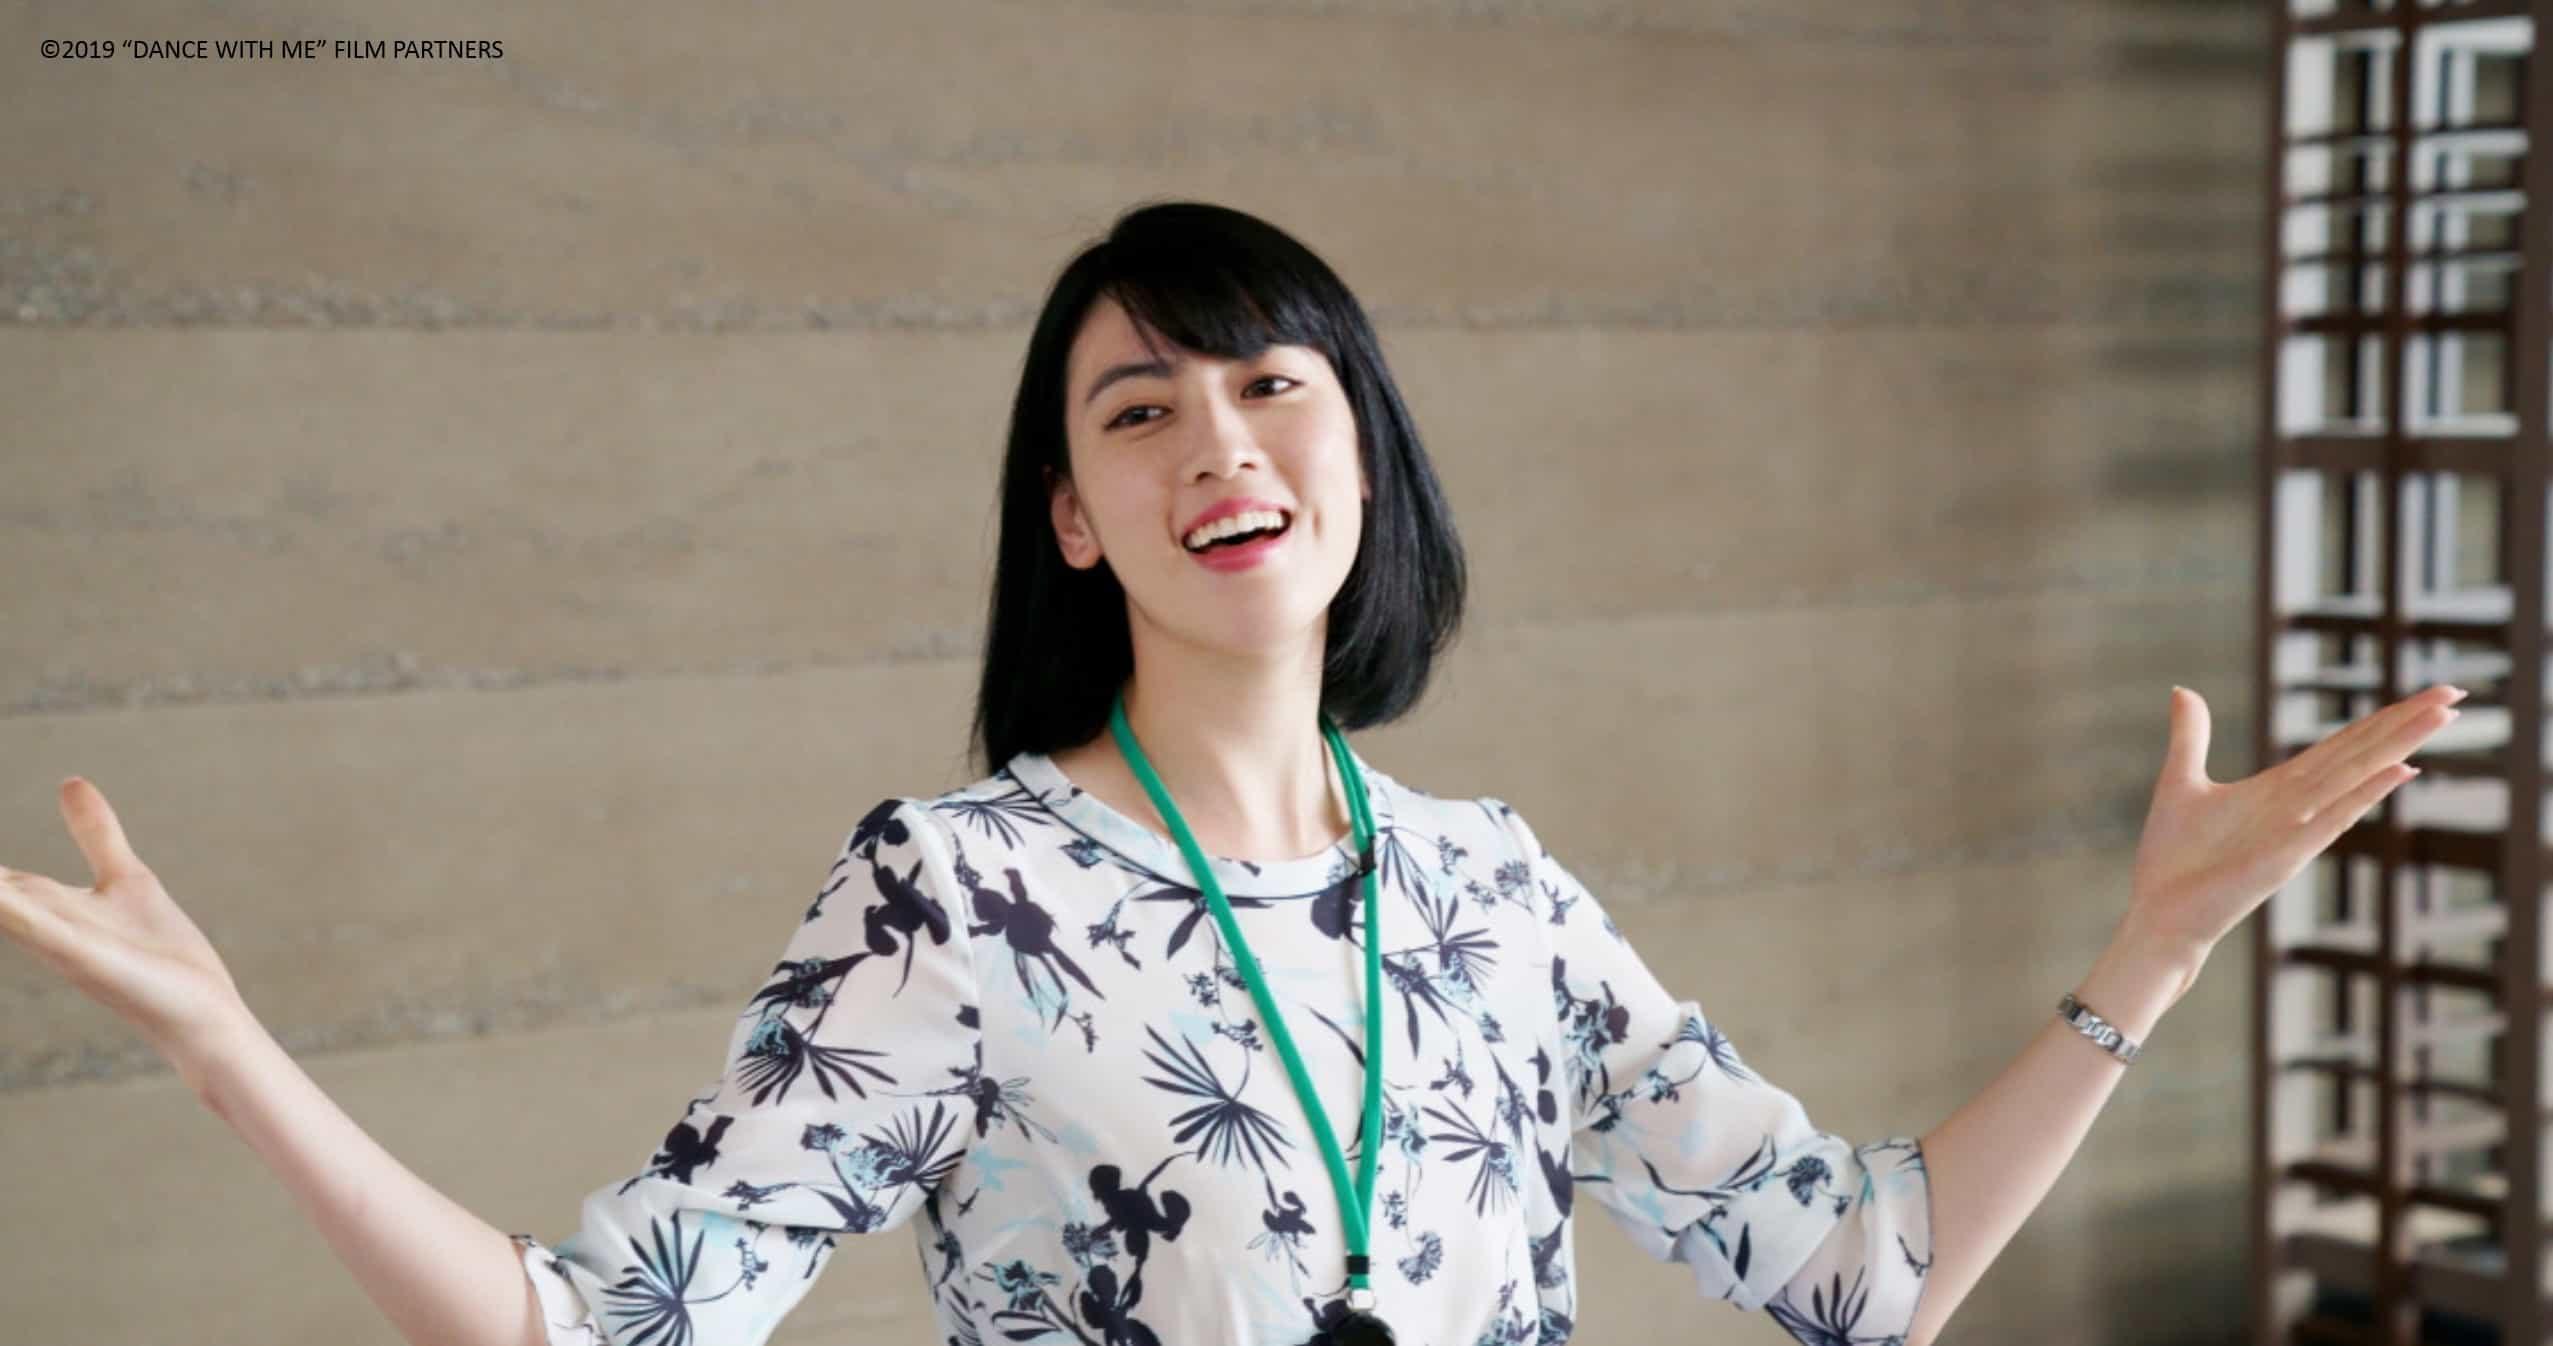 มิโยชิ อายากะ (Ayaka Miyoshi) นักแสดงเรื่อง Dance With Me